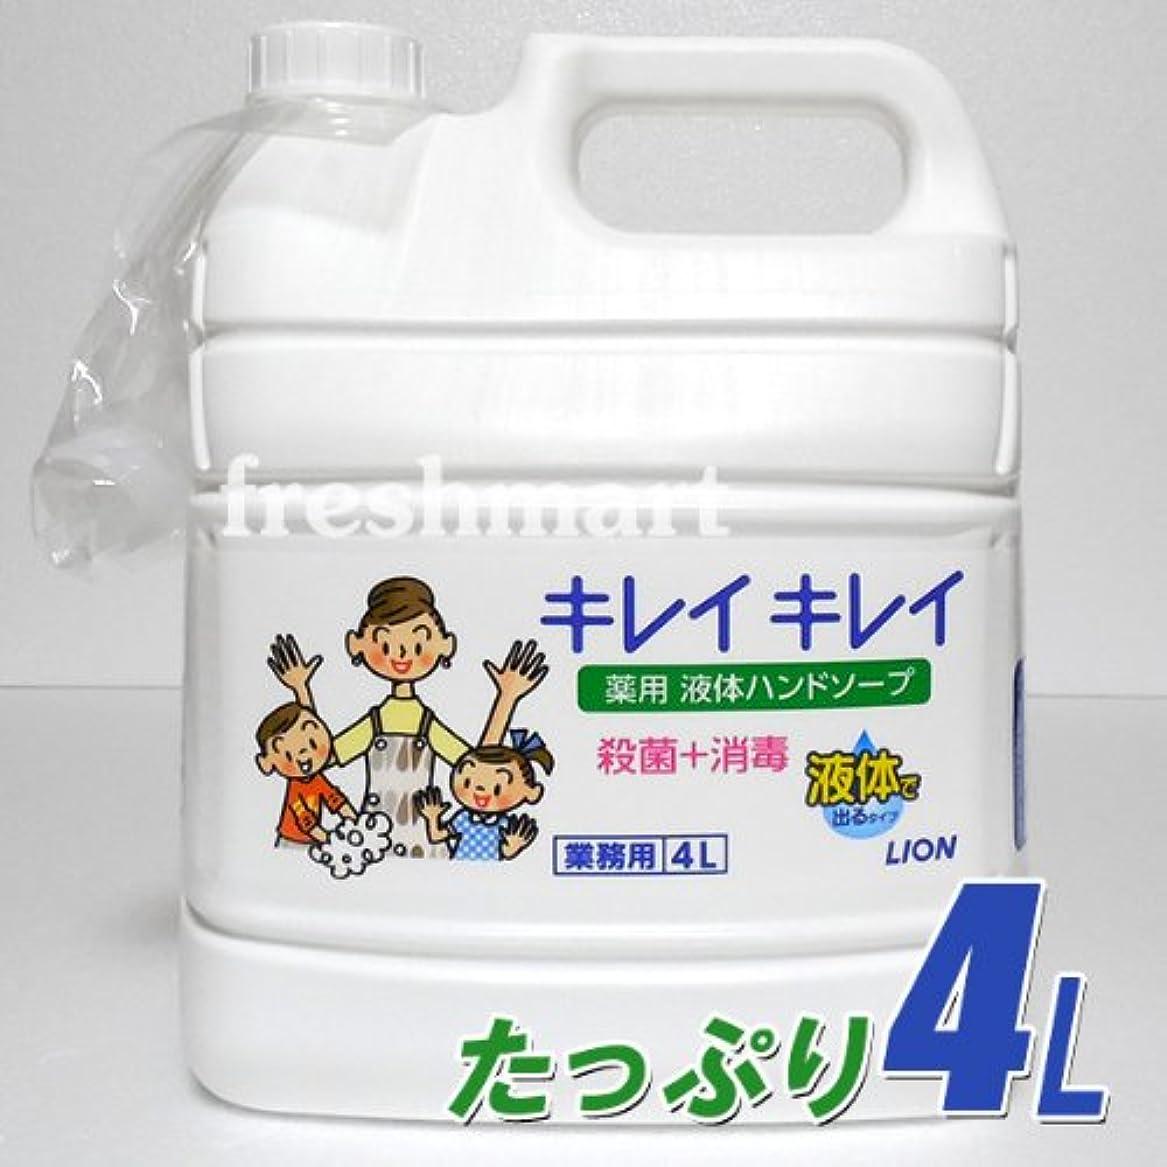 水没戦術ナイトスポット☆100%植物性洗浄成分使用☆ ライオン キレイキレイ 薬用液体ハンドソープ つめかえ用4L 業務用 大容量 ボトル